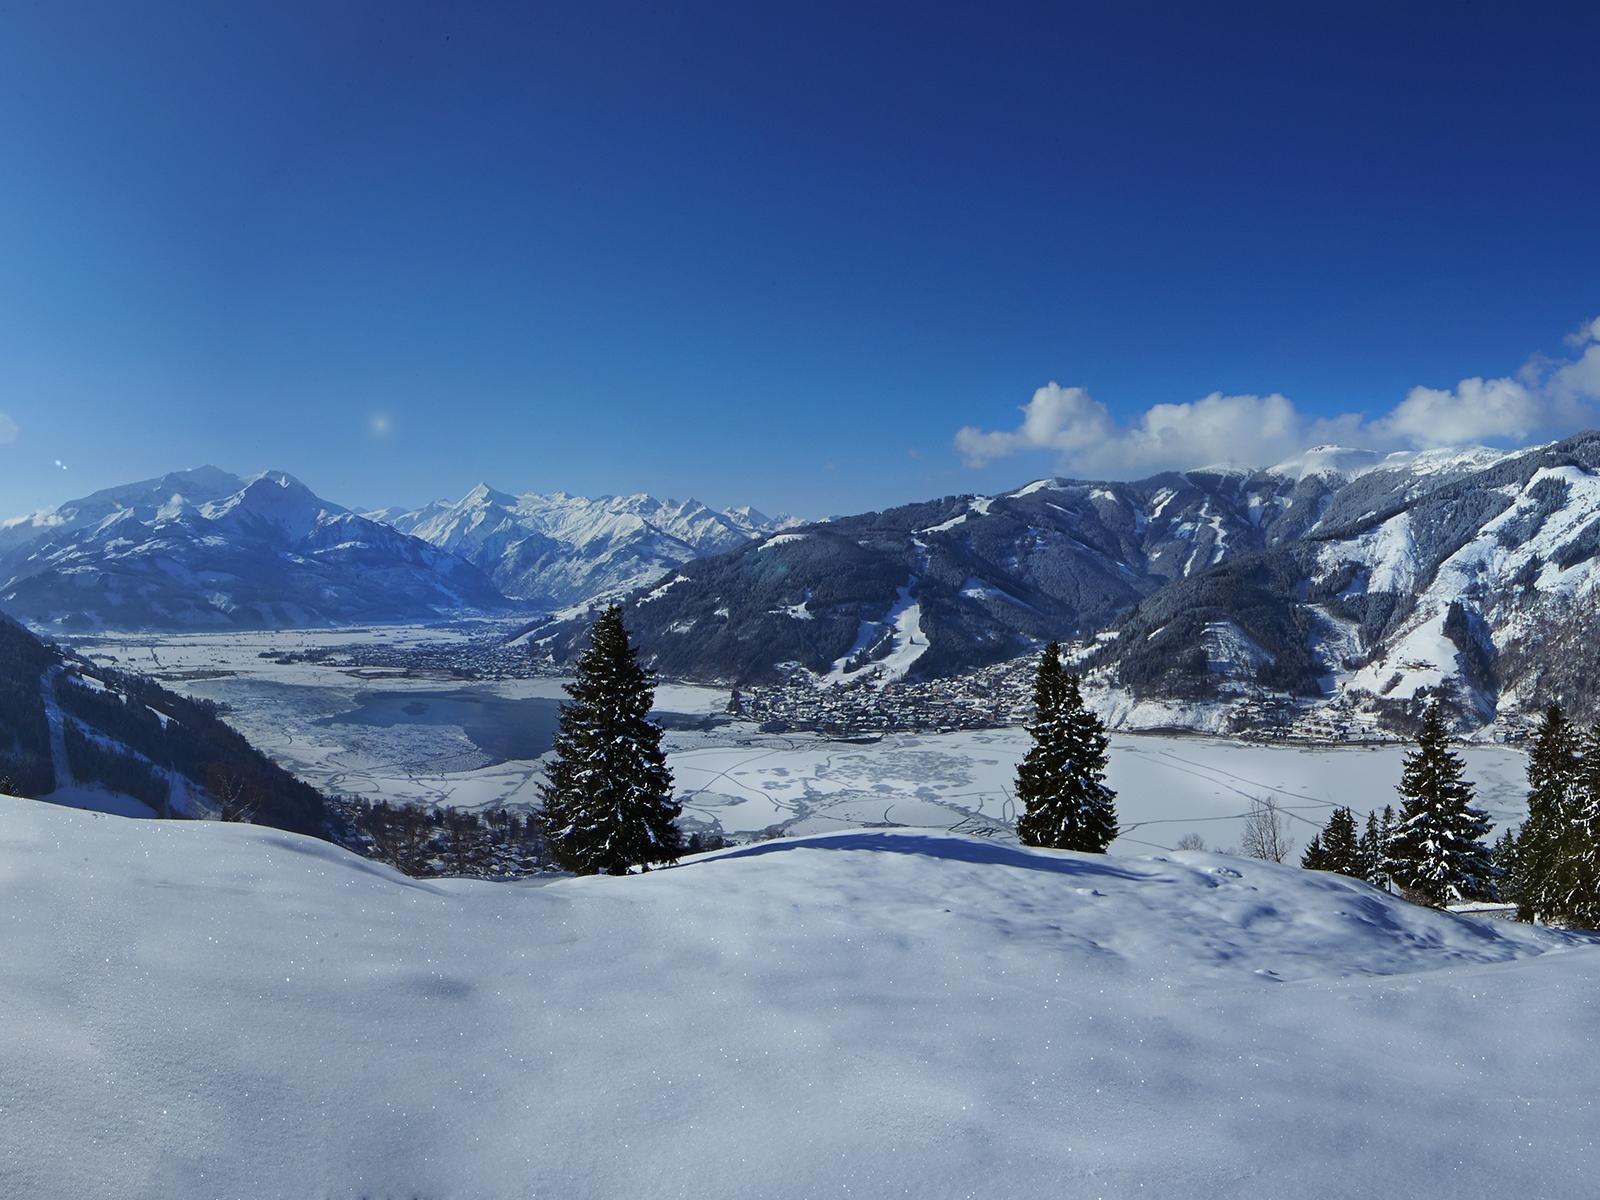 Peisajele de iarnă crează o atmosferă specială